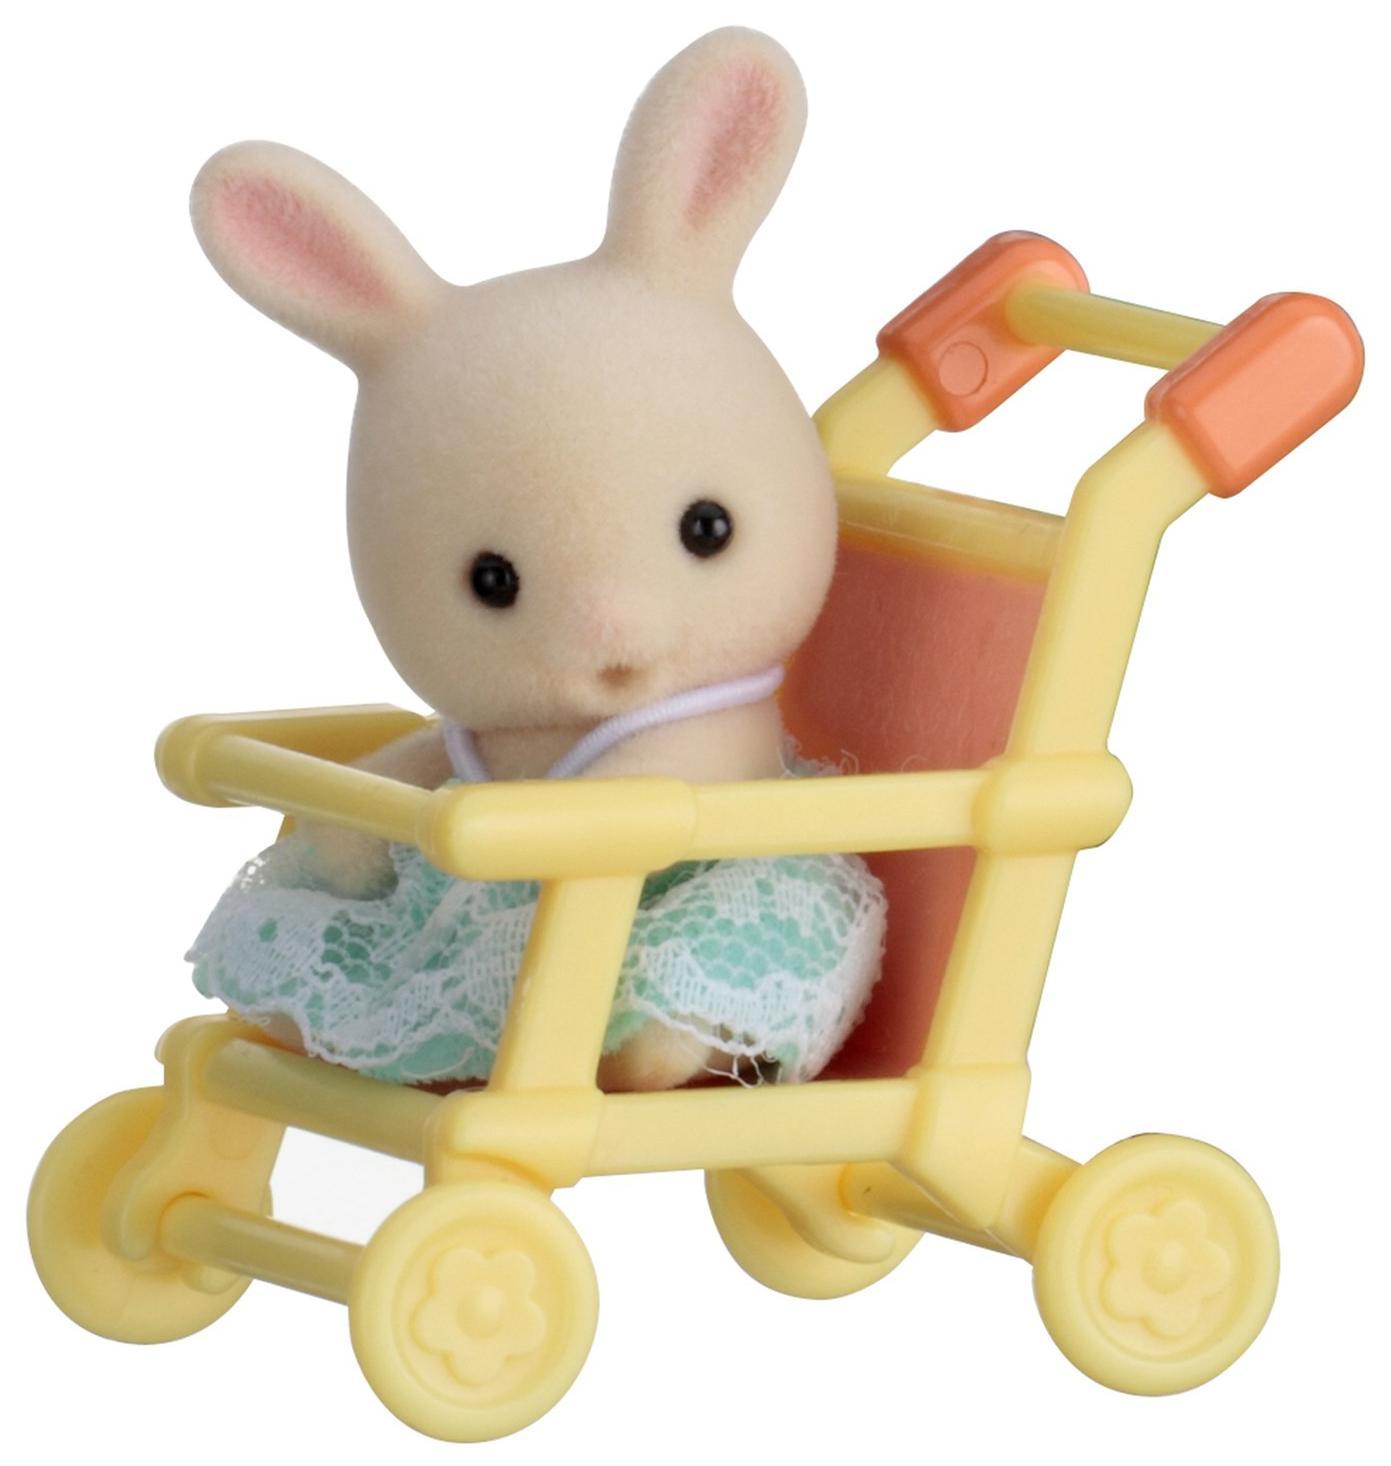 Купить Sylvanian Families Младенец в пластиковом сундучке - набор фигурок, Китай